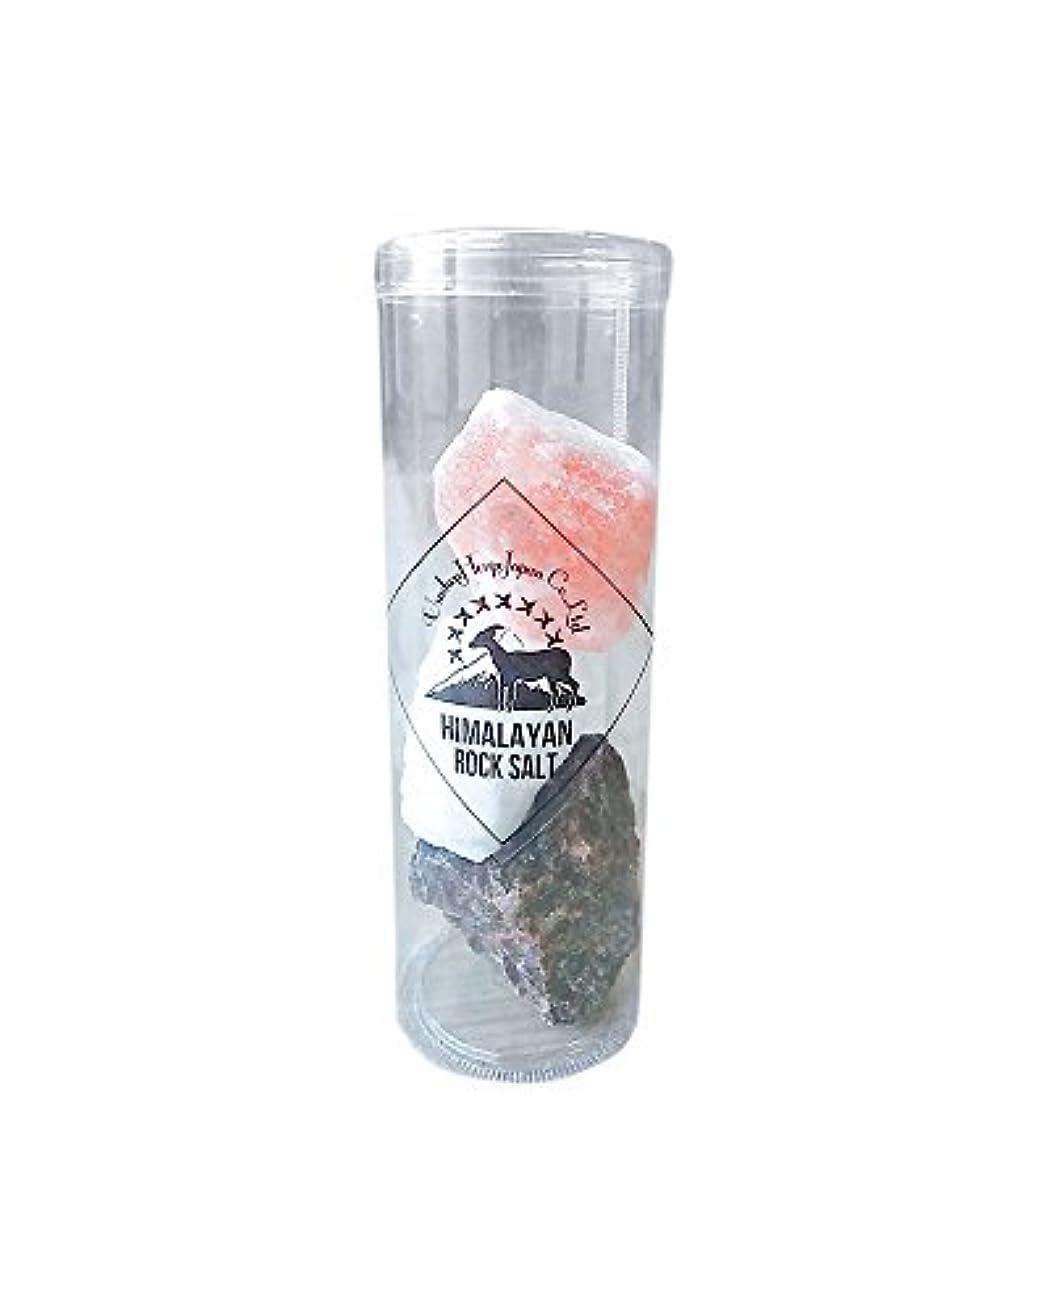 ヒマラヤ岩塩 バスソルト ミックス 3~4個 オーガンジー袋付き